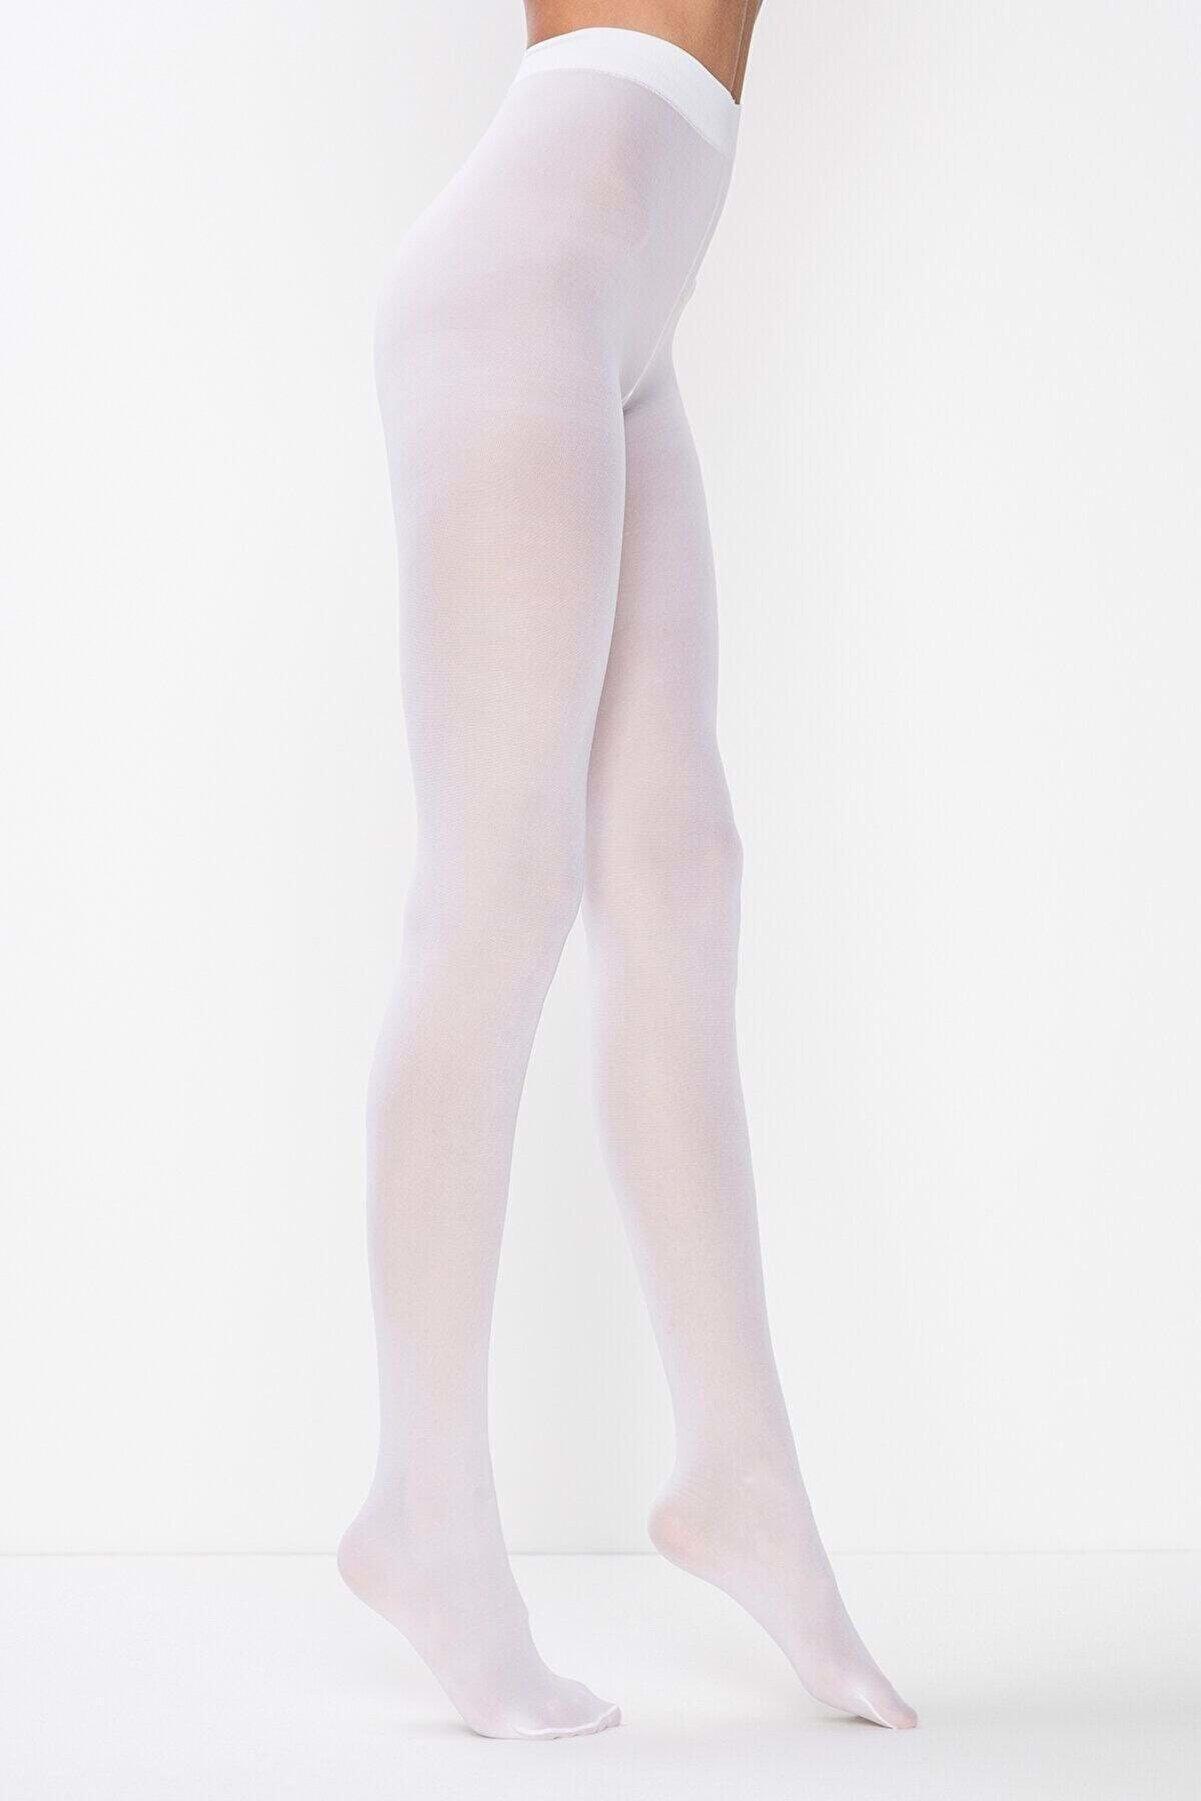 Penti Kadın Beyaz Mikro 40 Külotlu Çorap